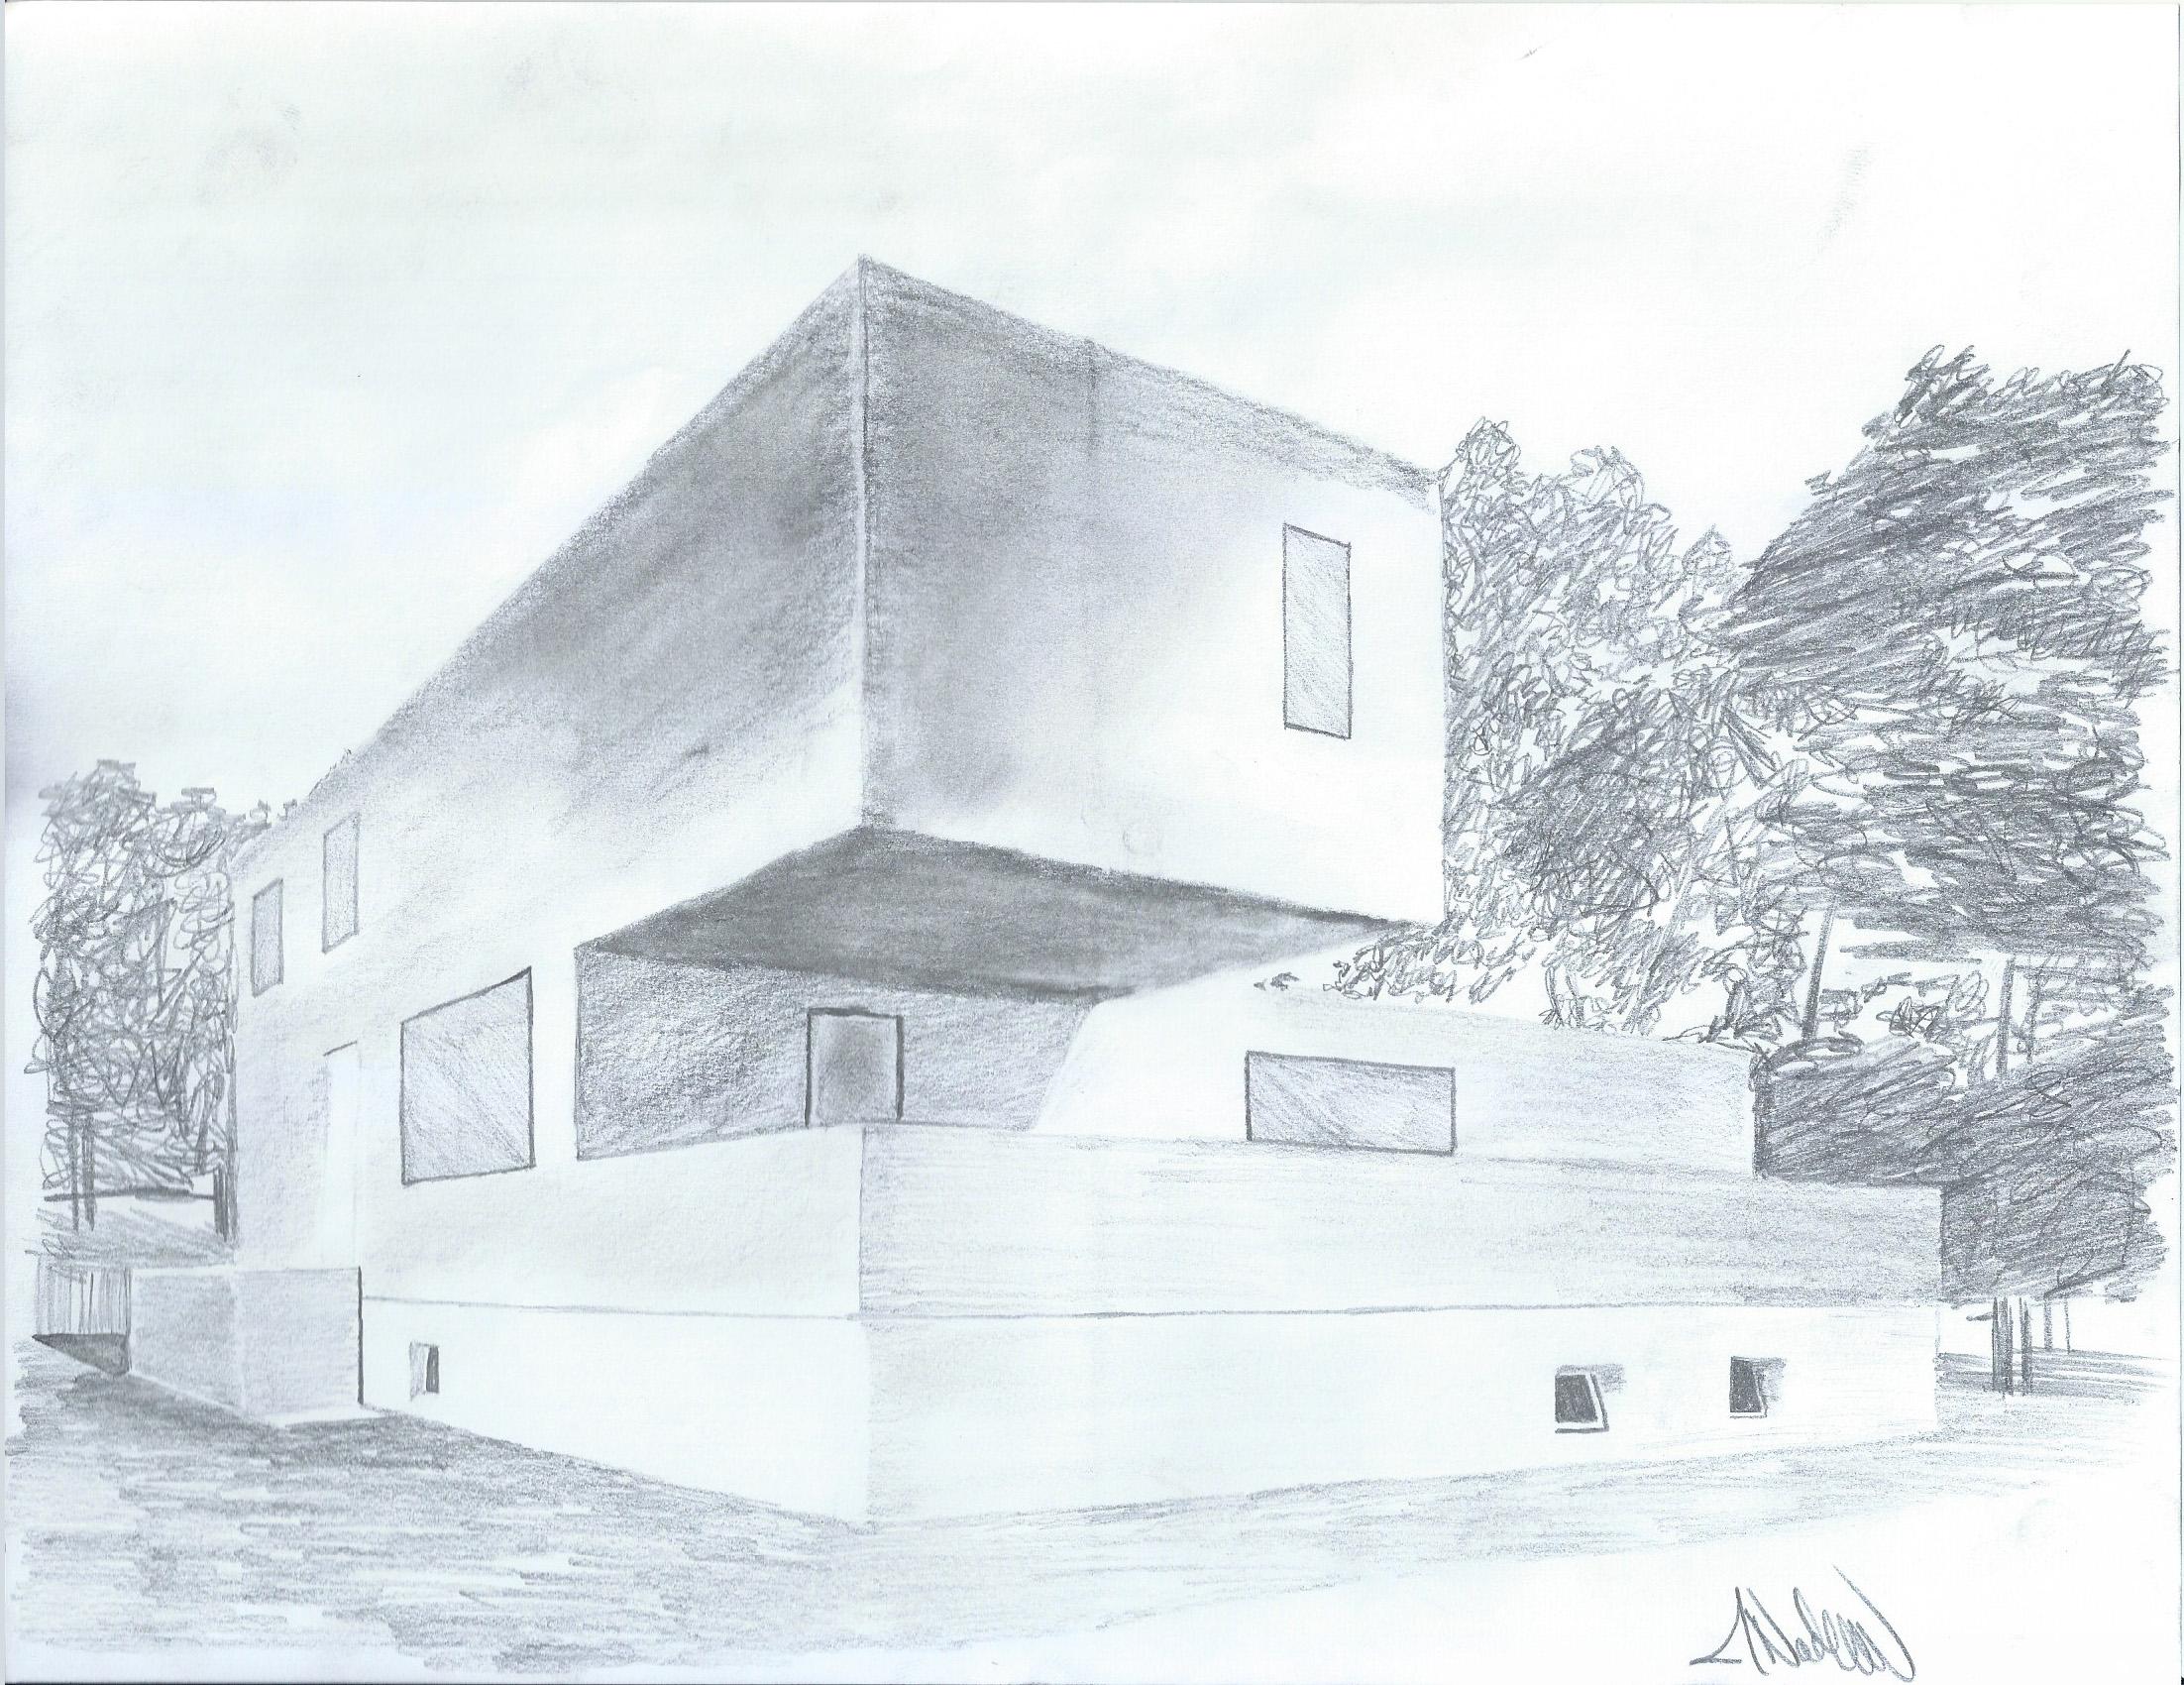 MathieuNadeau_Bauhaus.jpg